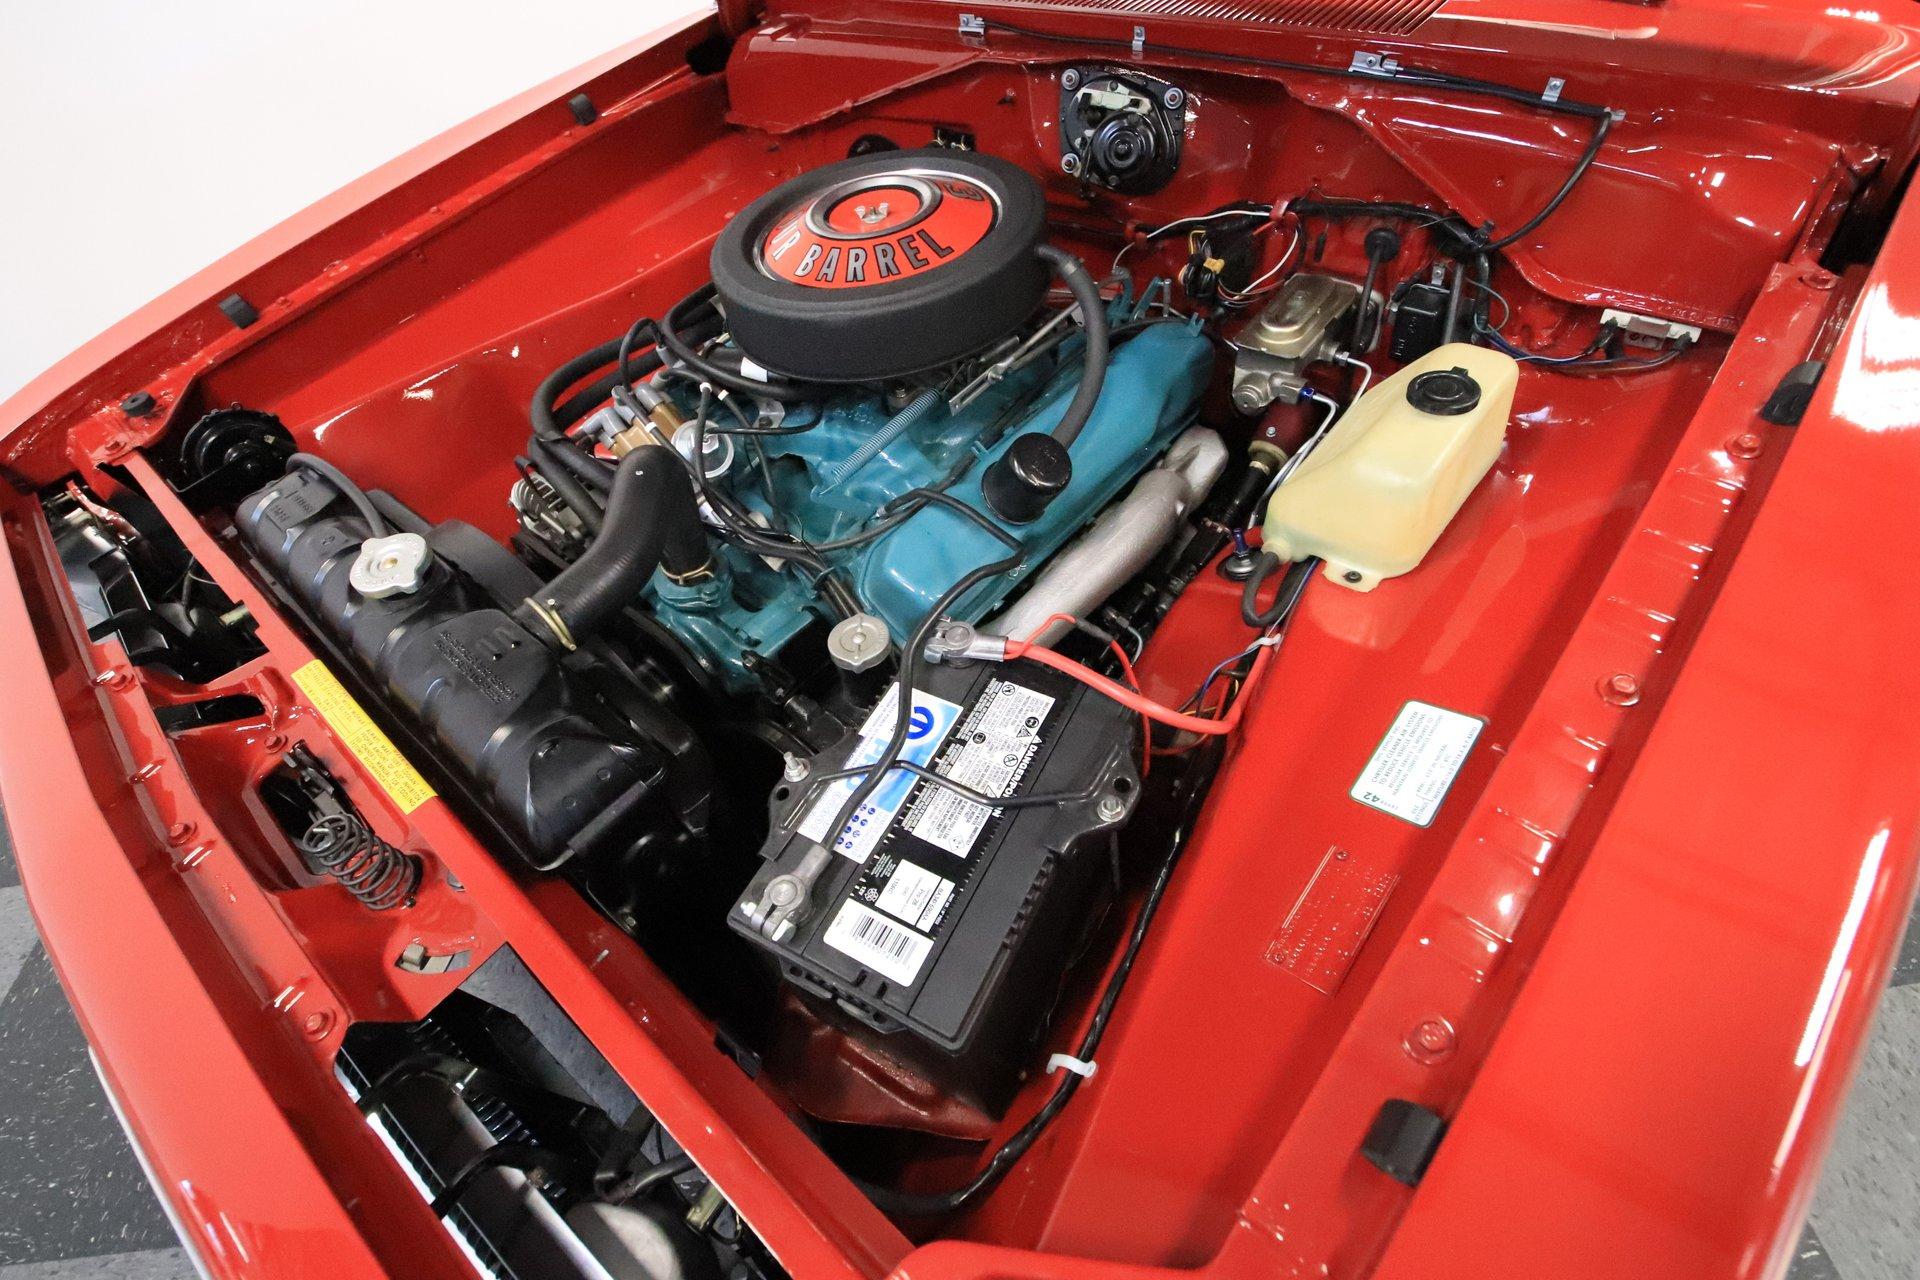 1968 Barracuda Specs